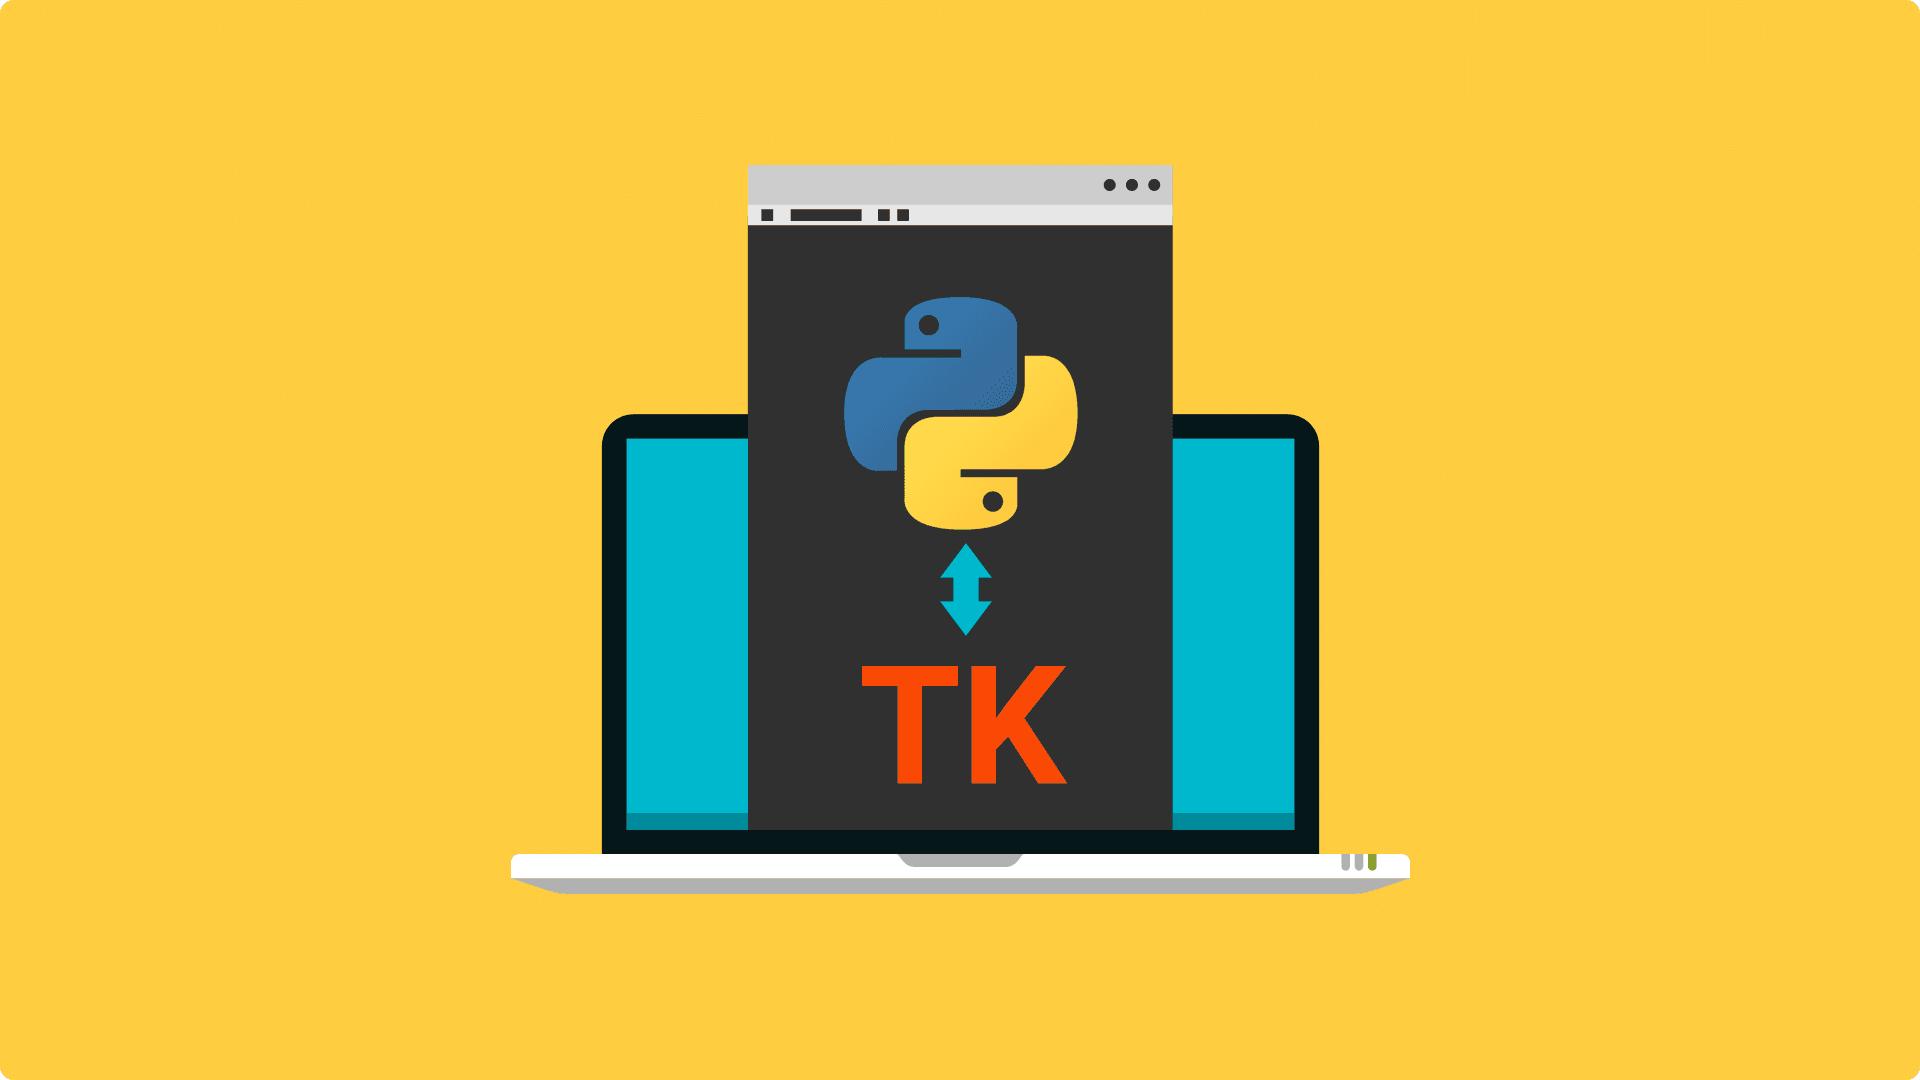 آموزش tkinter در پایتون (Python) – کتابخانه گرافیکی